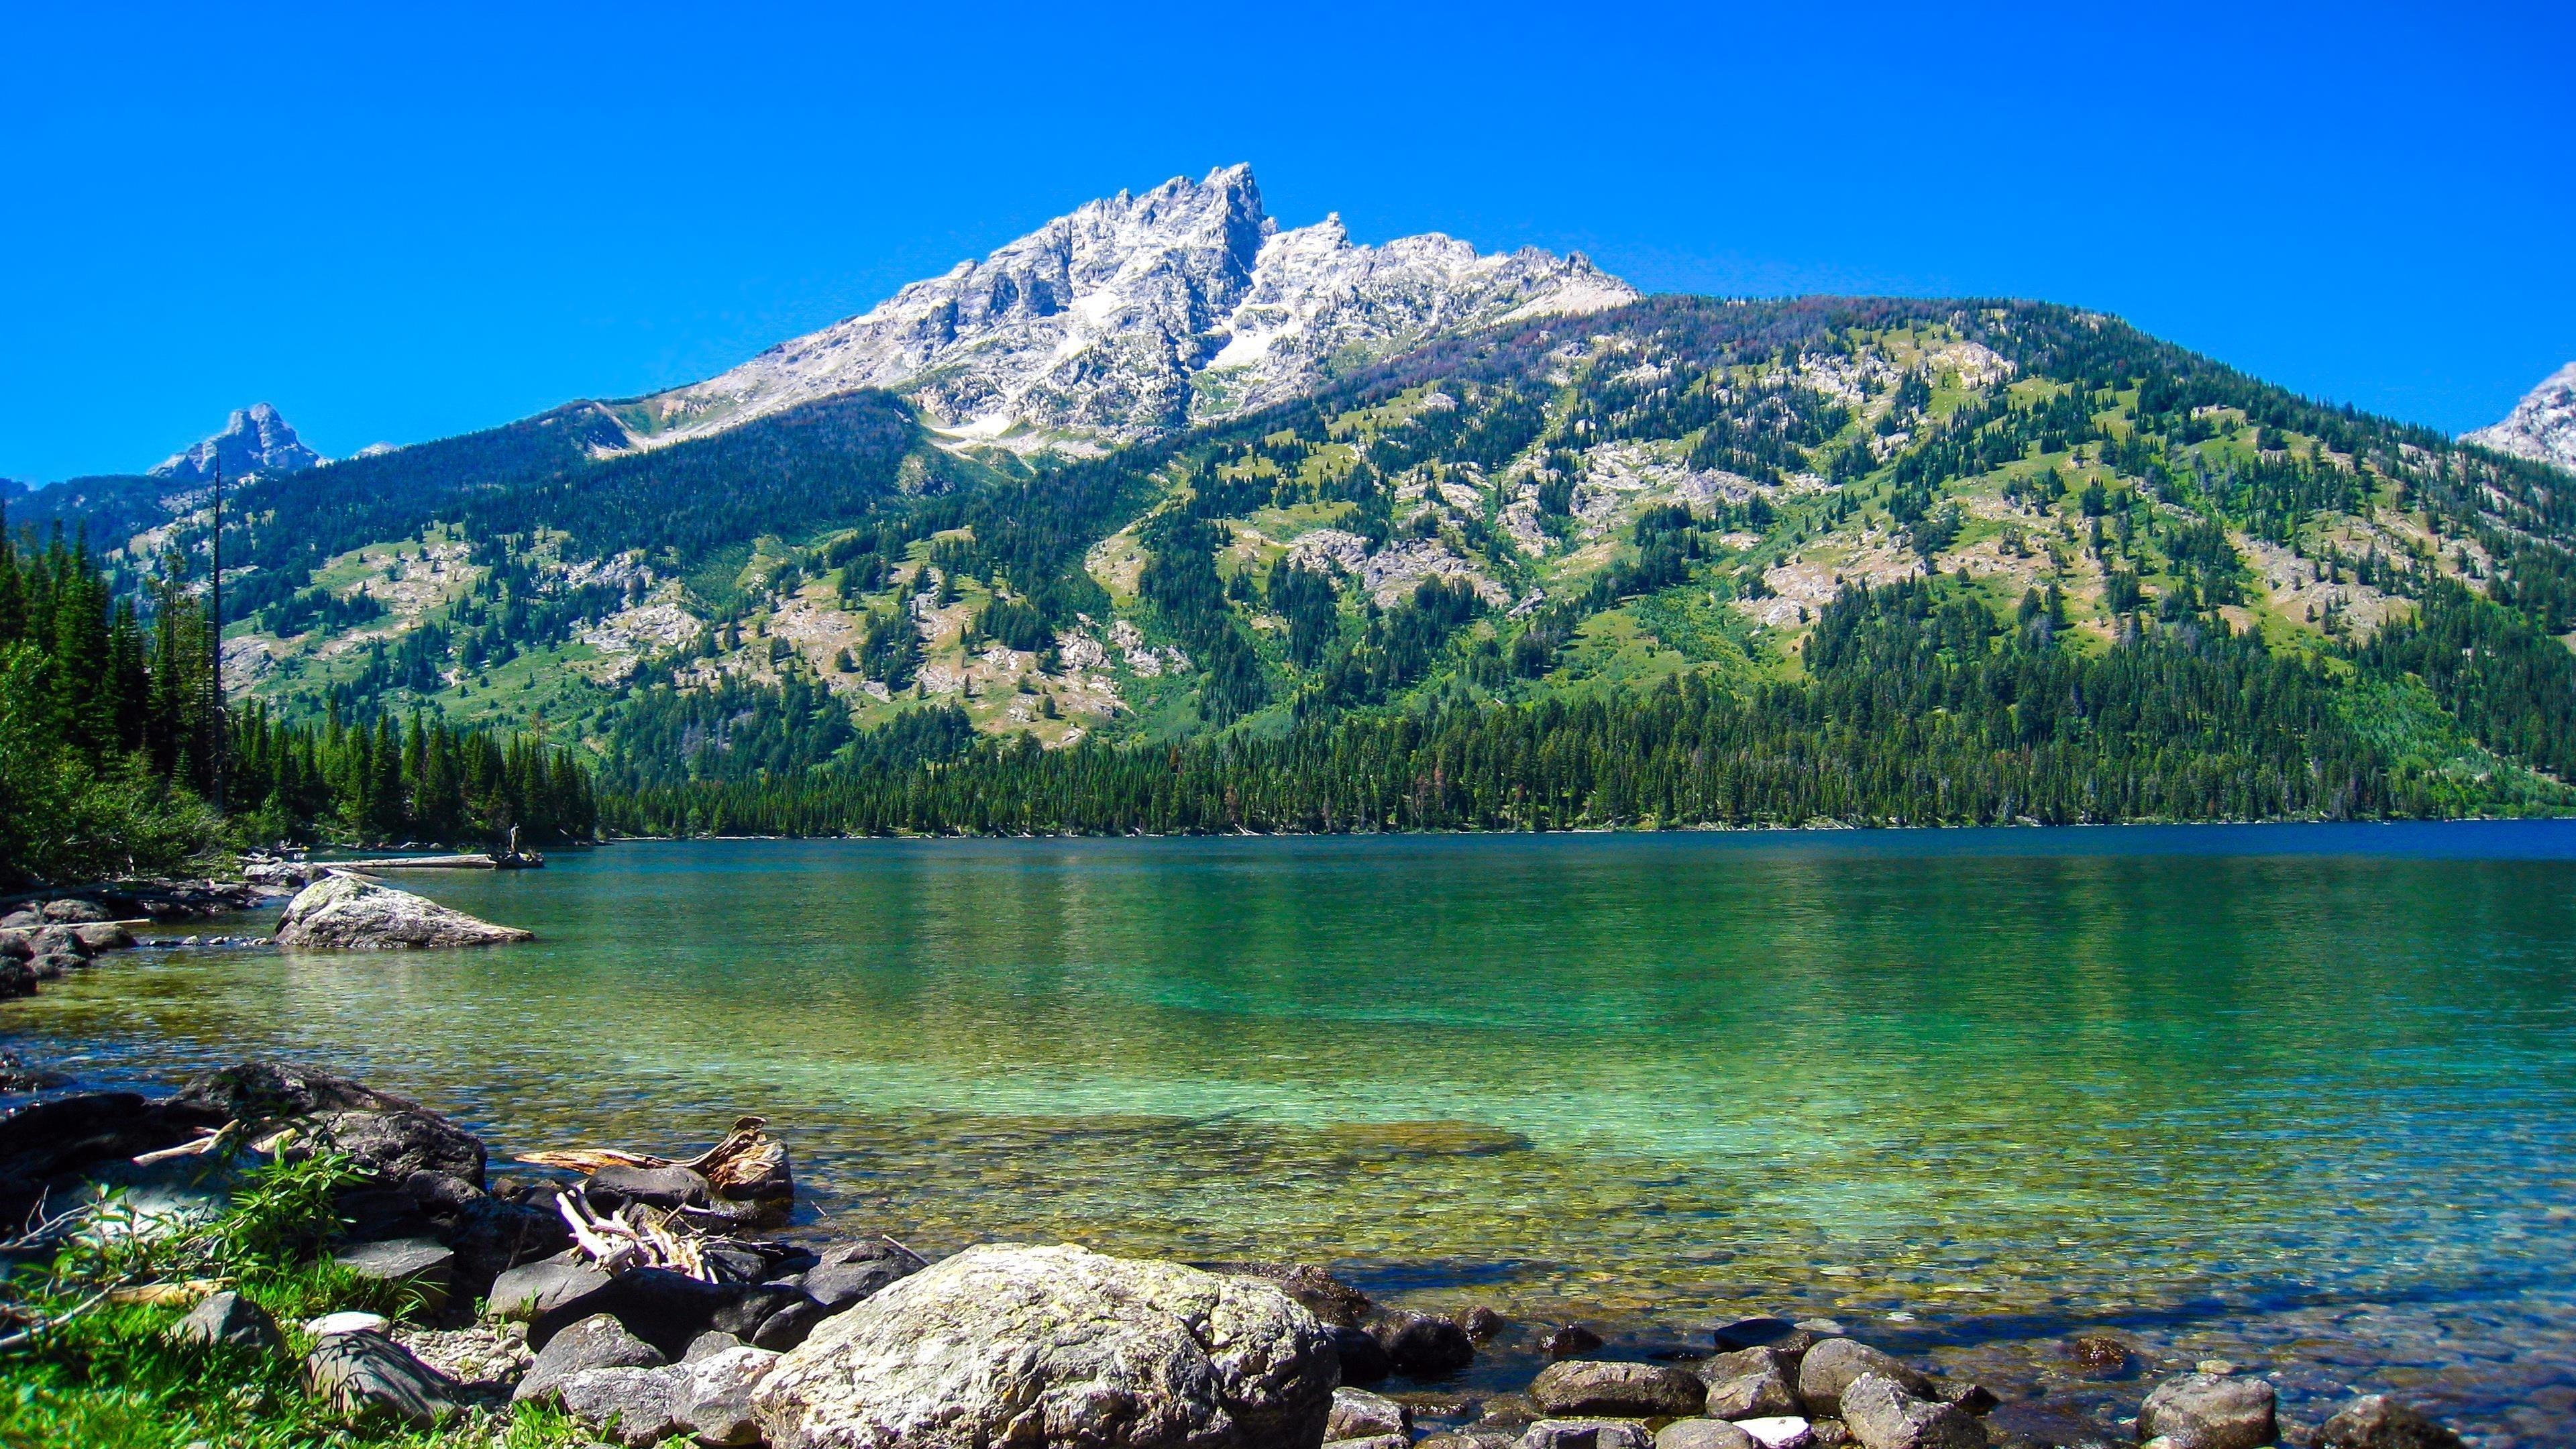 Дженни Лейк Гранд Титон национальный парк обои скачать